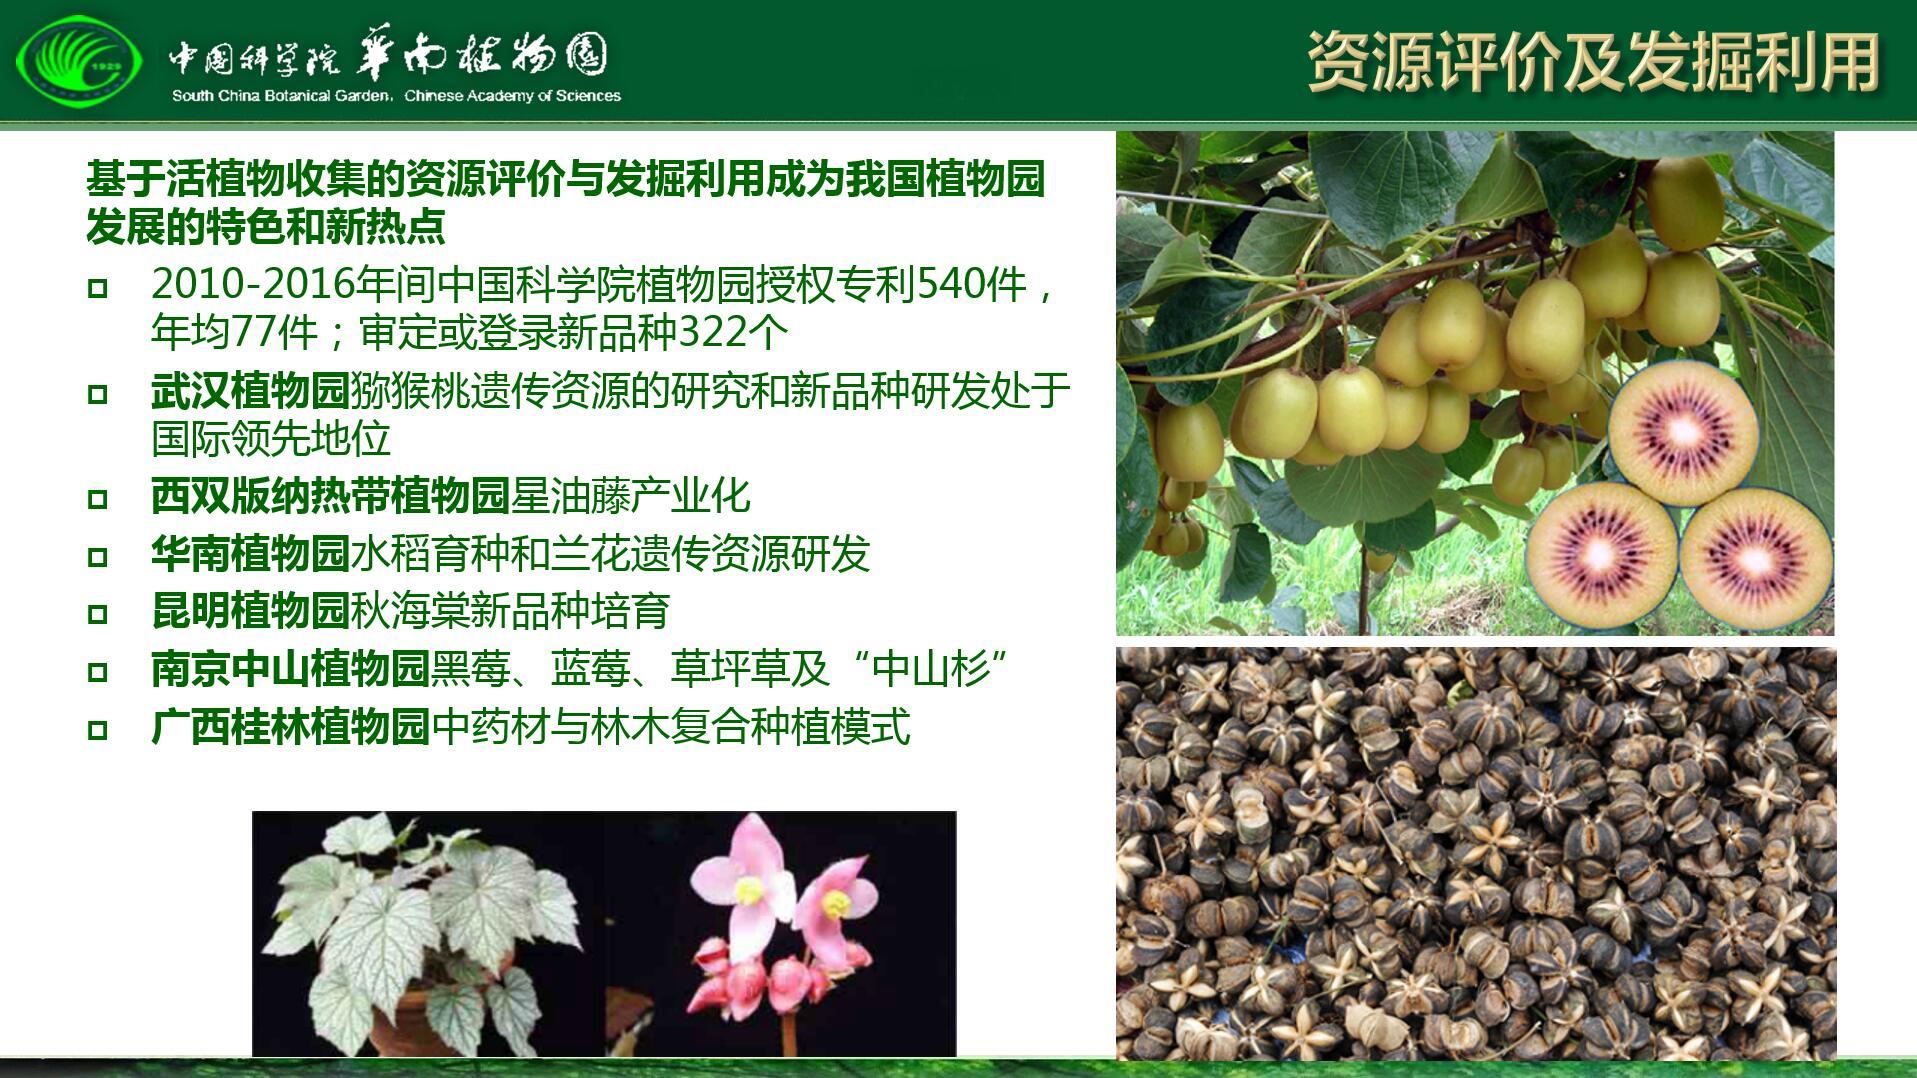 图8-2 中国植物园植物资源利用.jpg